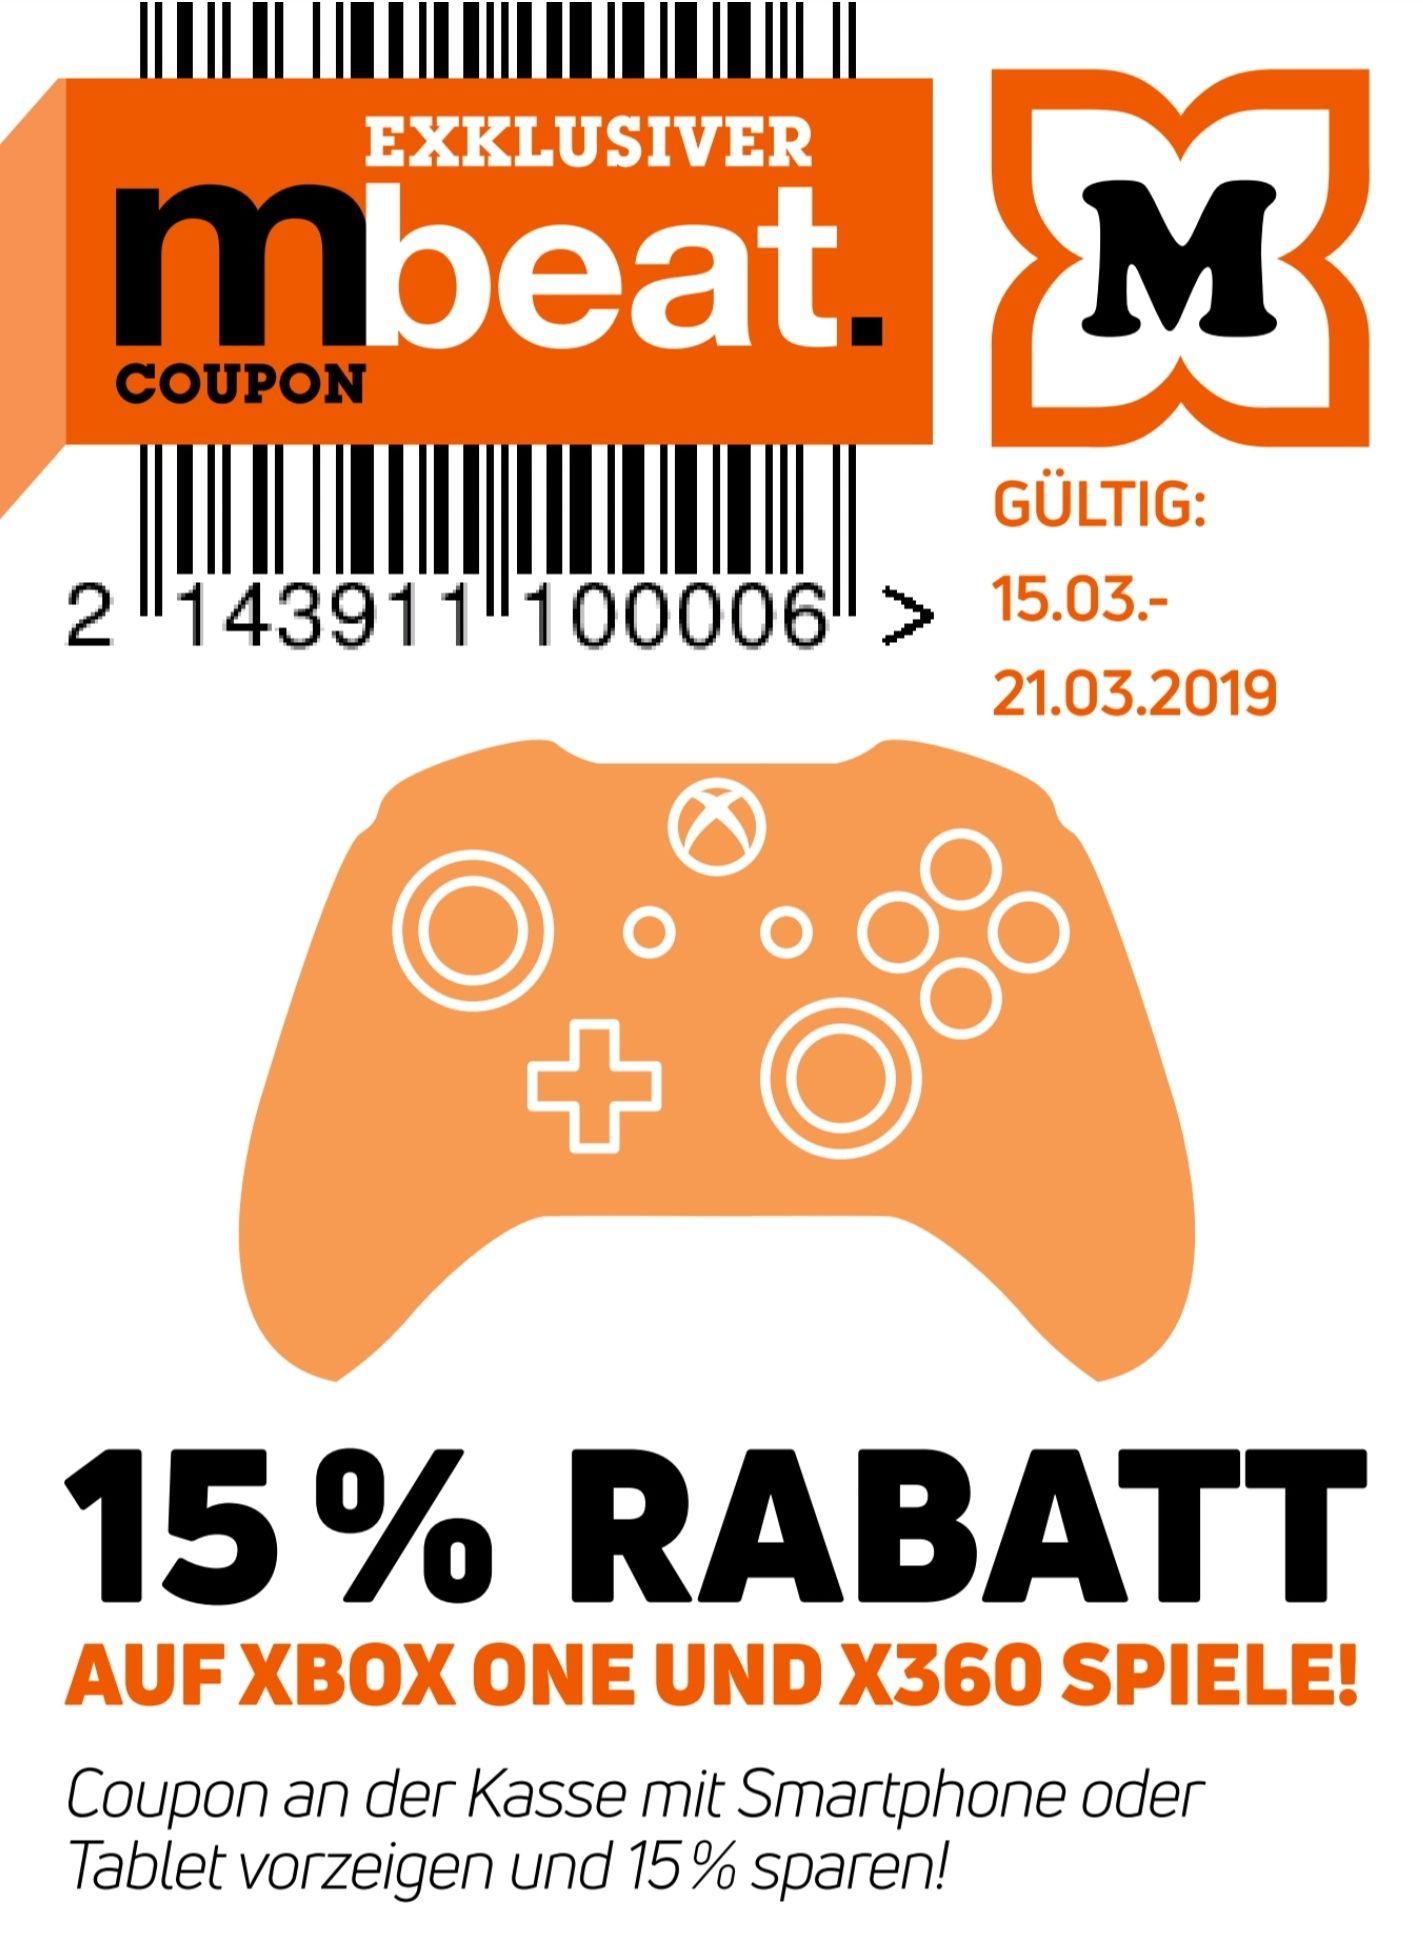 15% auf alle Xbox One & 360 Spiele z.B. The Division 2 für 50,99€, Red Dead Redemption 2 für 33,99€ o. GTA 5 für 16,99€. [Offline Müller]